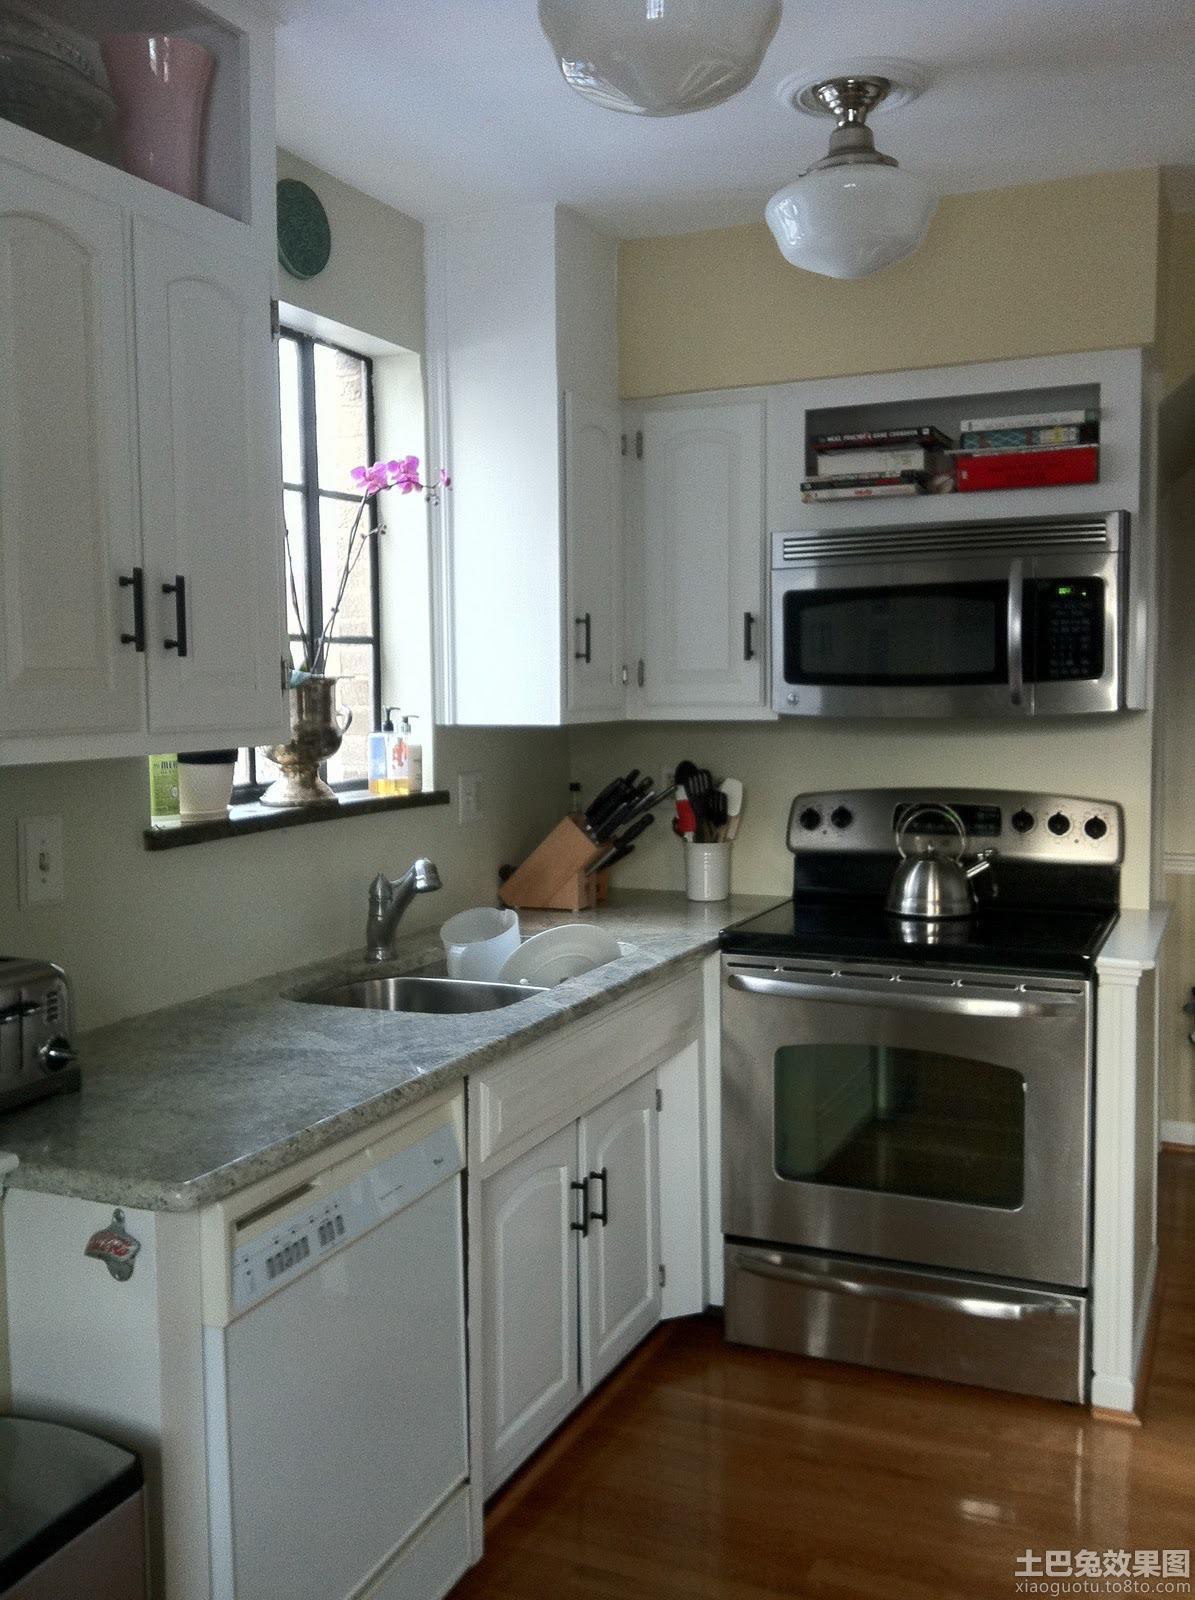 开放式小厨房设计 - 装修效果图 - 九正家居网